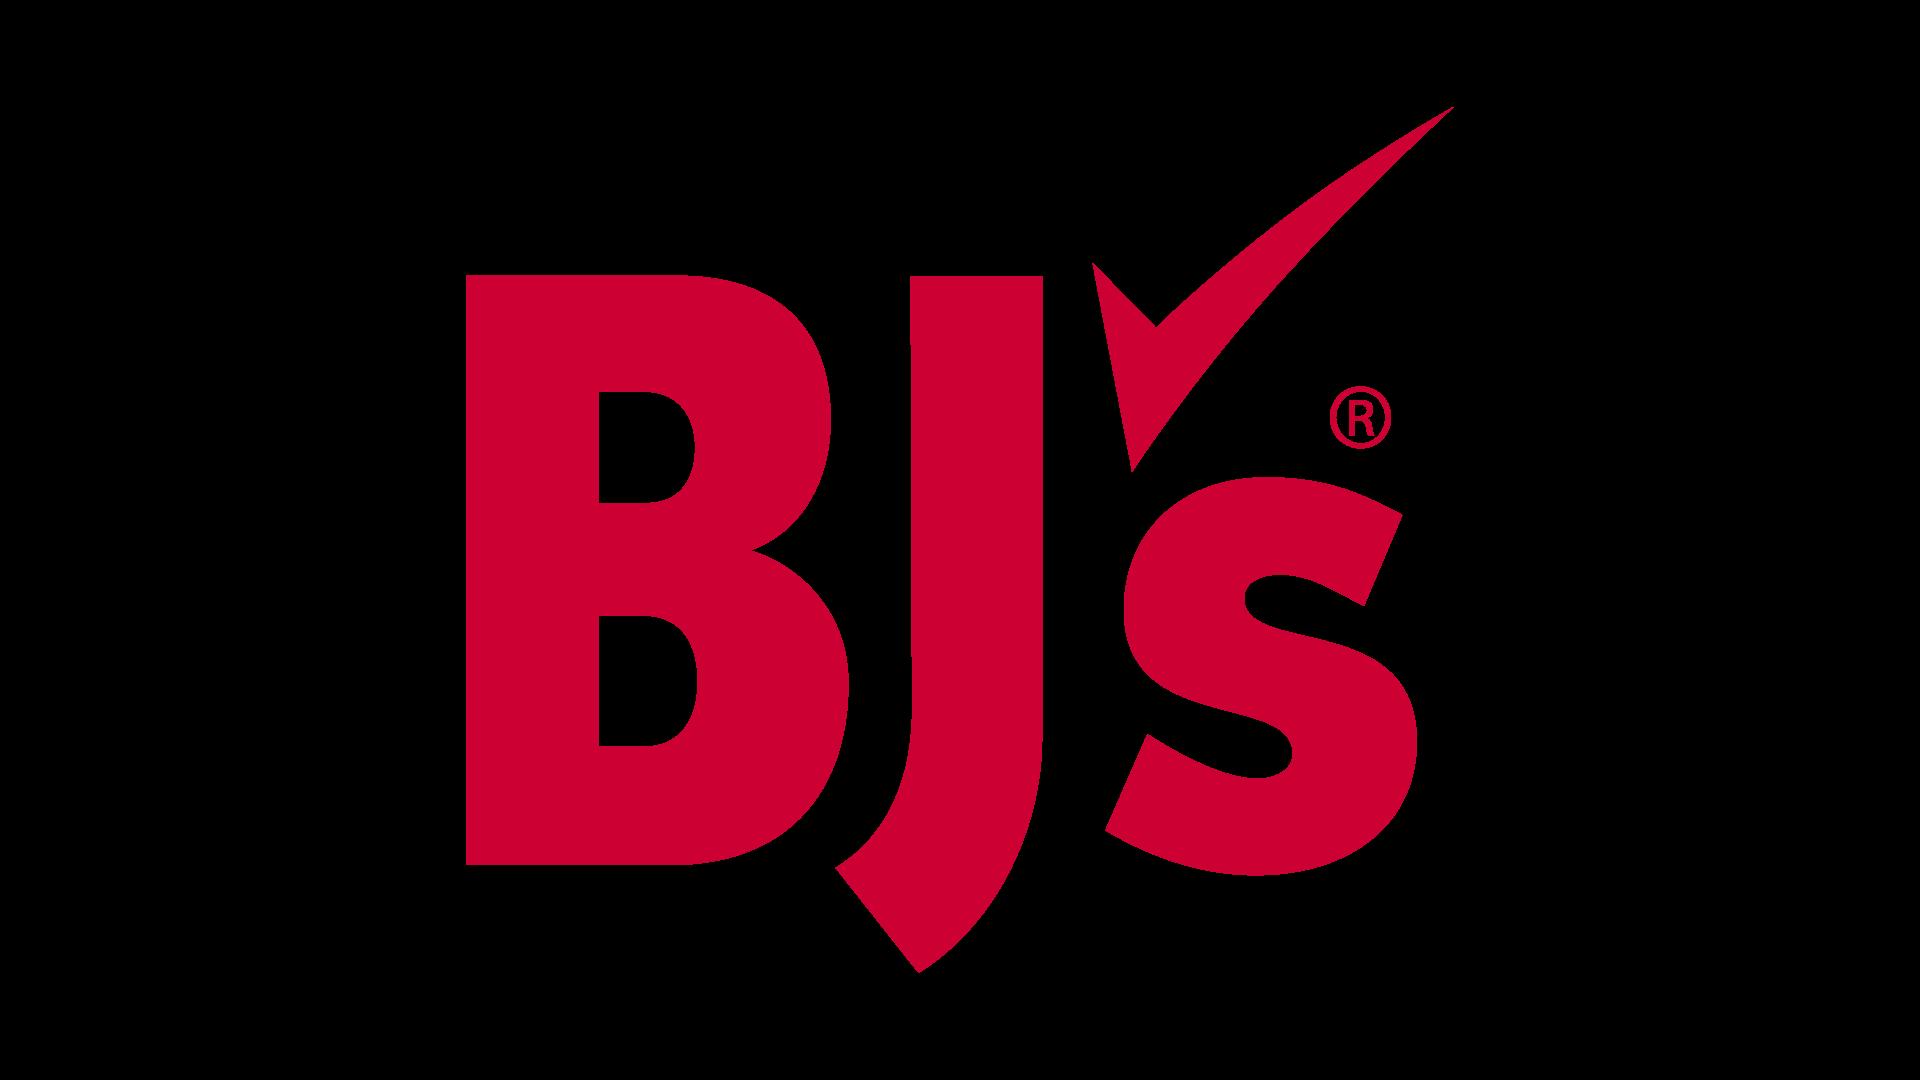 Gratis HD BJ